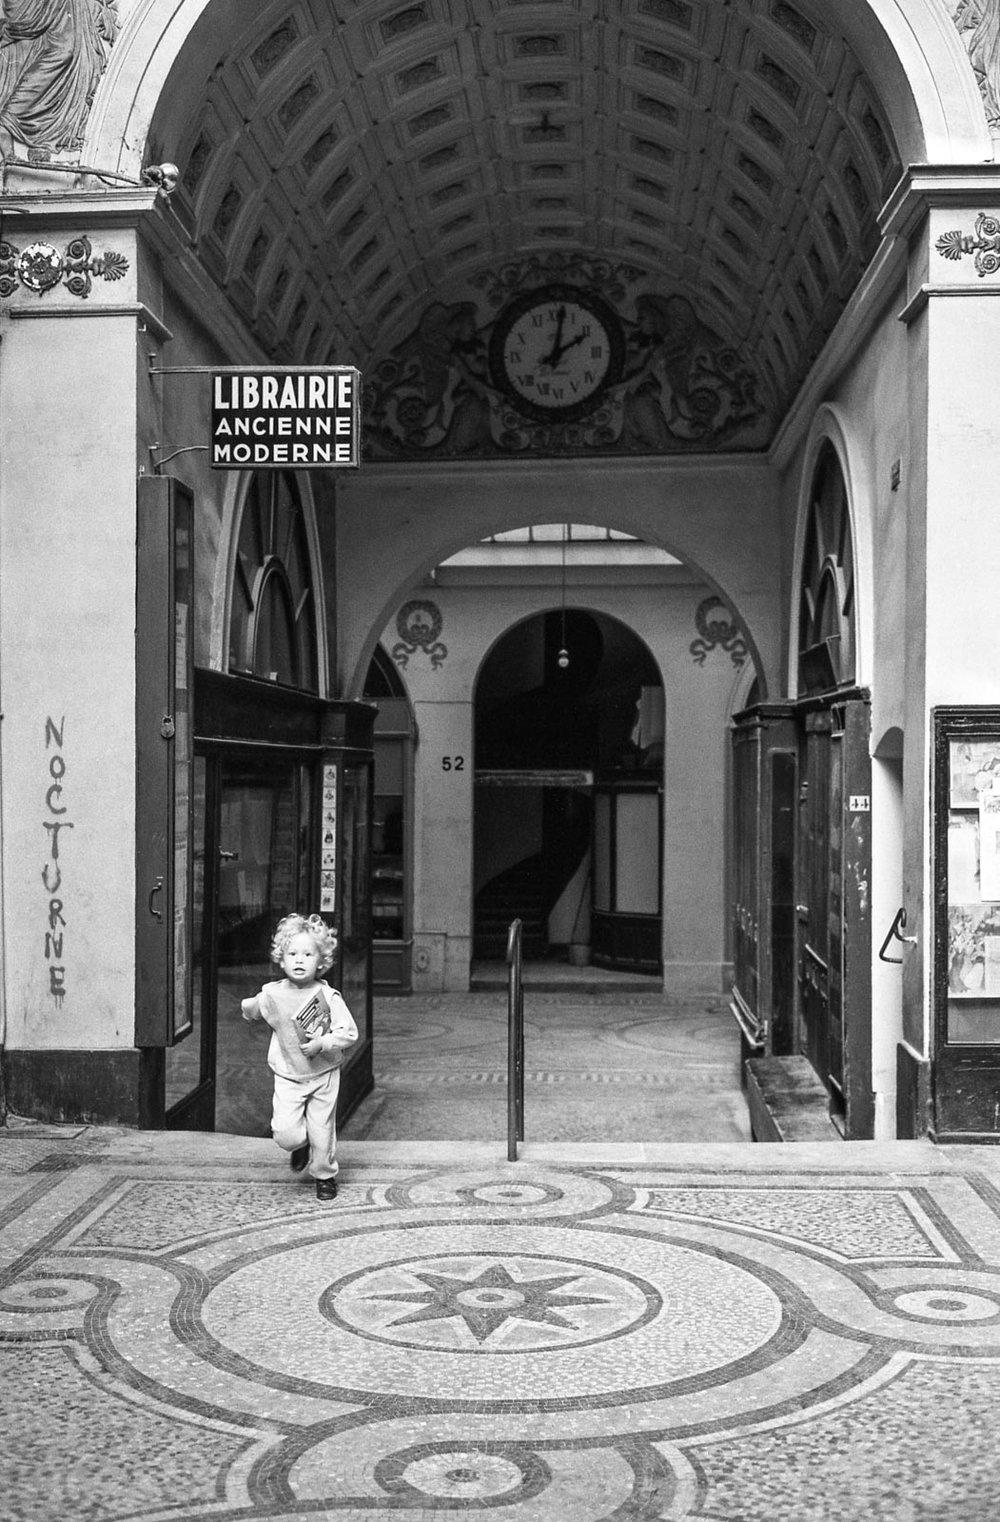 La librairie, Paris 1994